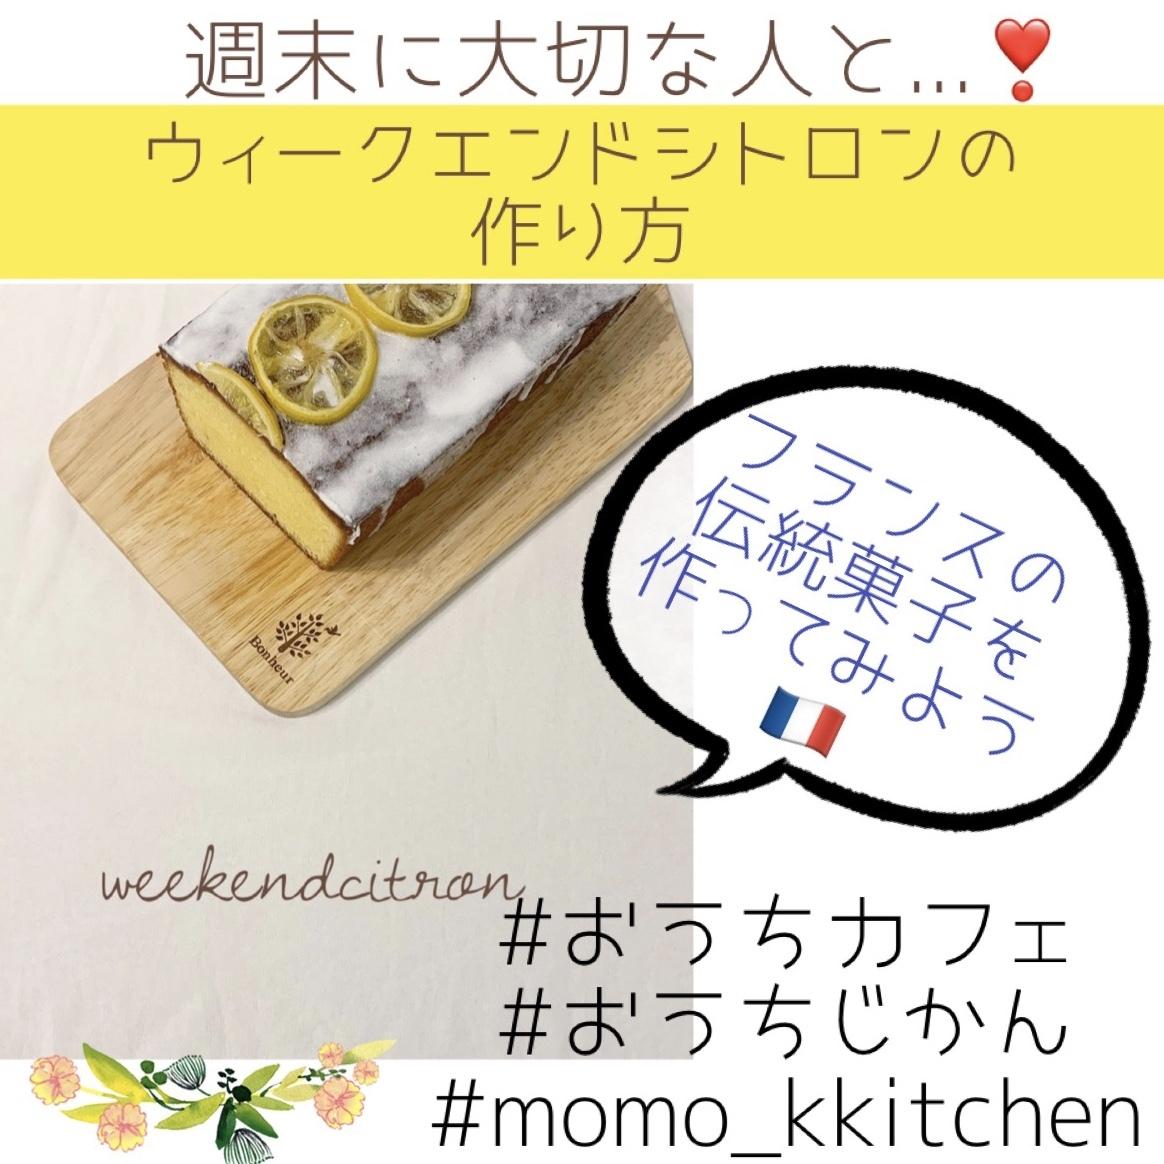 【おうちカフェ】週末に大切な人と食べるケーキ!ウィークエンドシトロンって何?_1_1